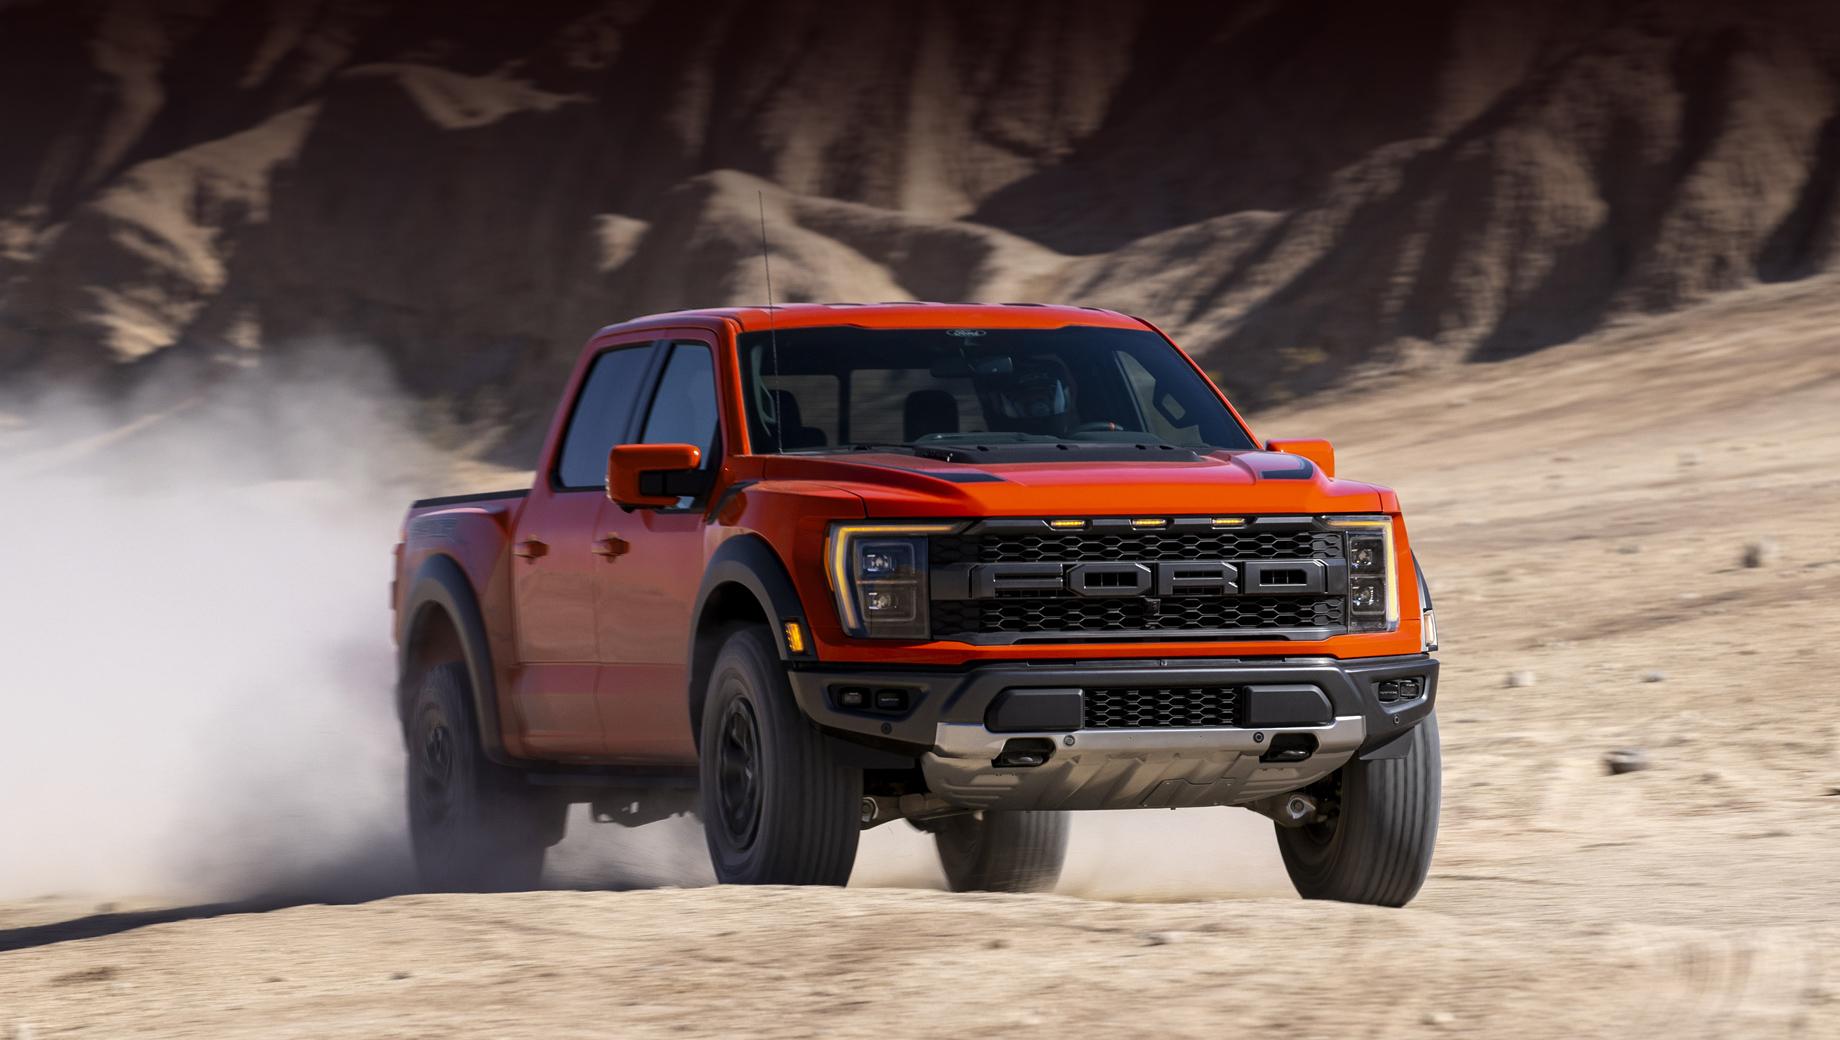 Ford f-150,Ford f-150 raptor. Длина пикапа равна 5908 мм, ширина — 2200, высота — 2027/2050, колёсная база — 3693, клиренс — 305/333 мм (для шин на 35/37 дюймов). Углы въезда и съезда — 31/33,1 и 23,9/24,9 градуса.